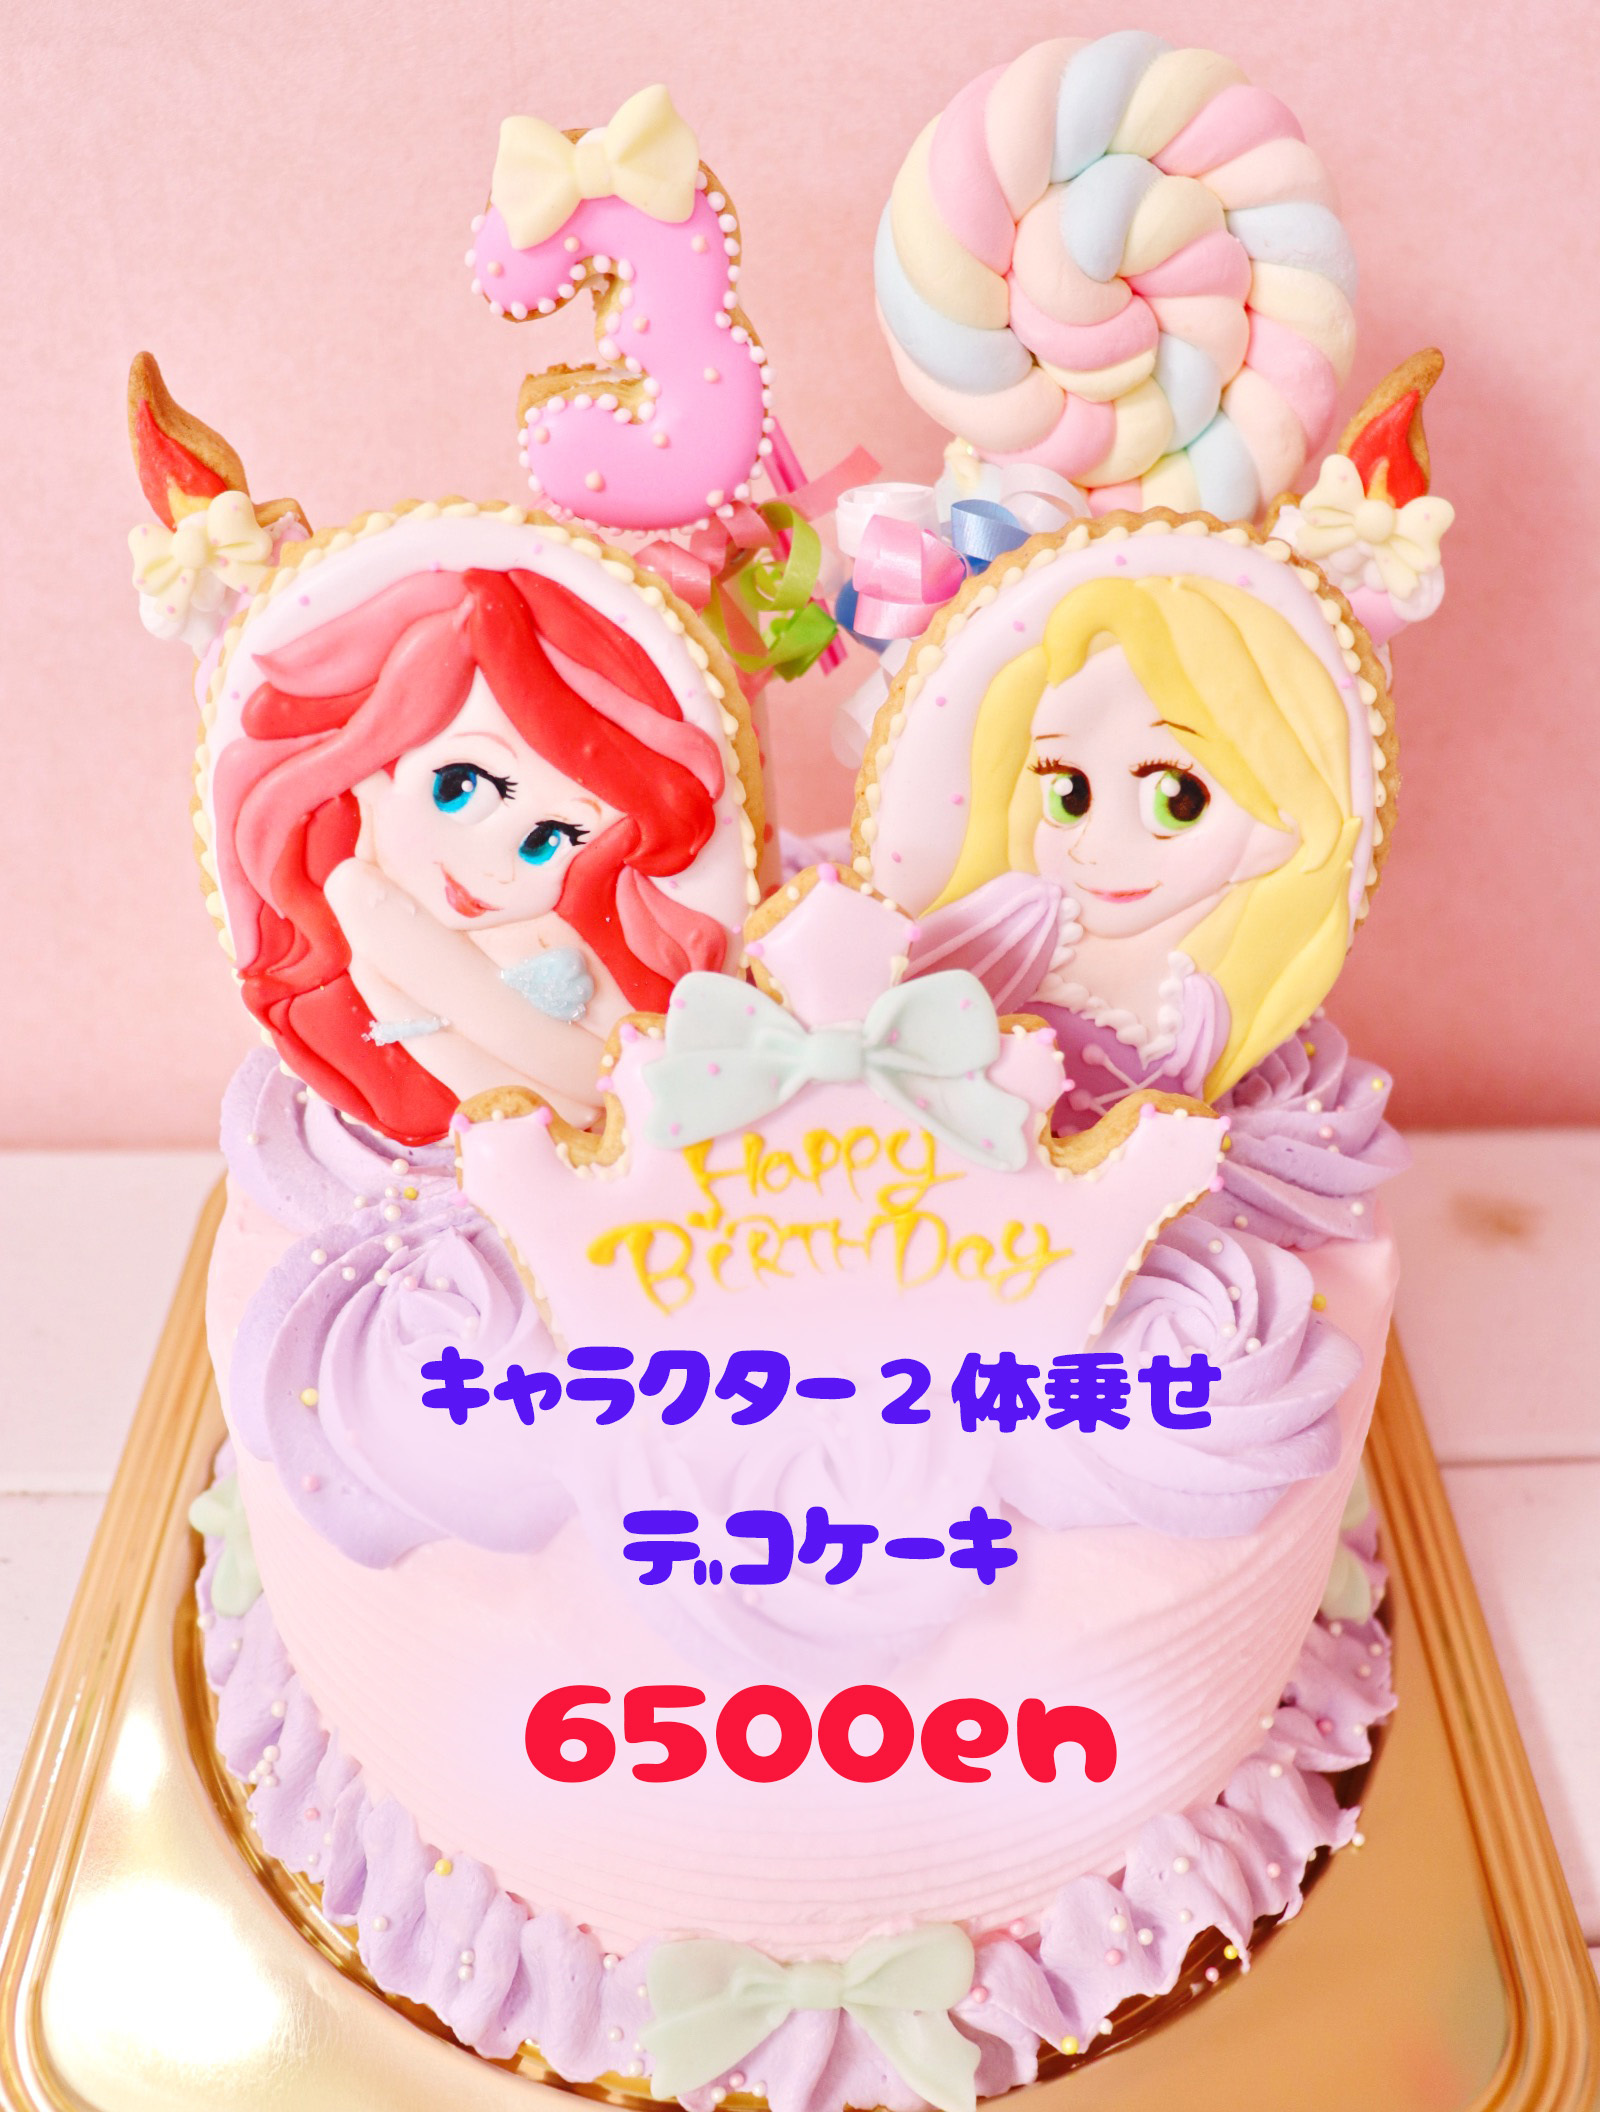 【11月1日〜30日分】キャラクター2体乗せセミオーダーケーキ